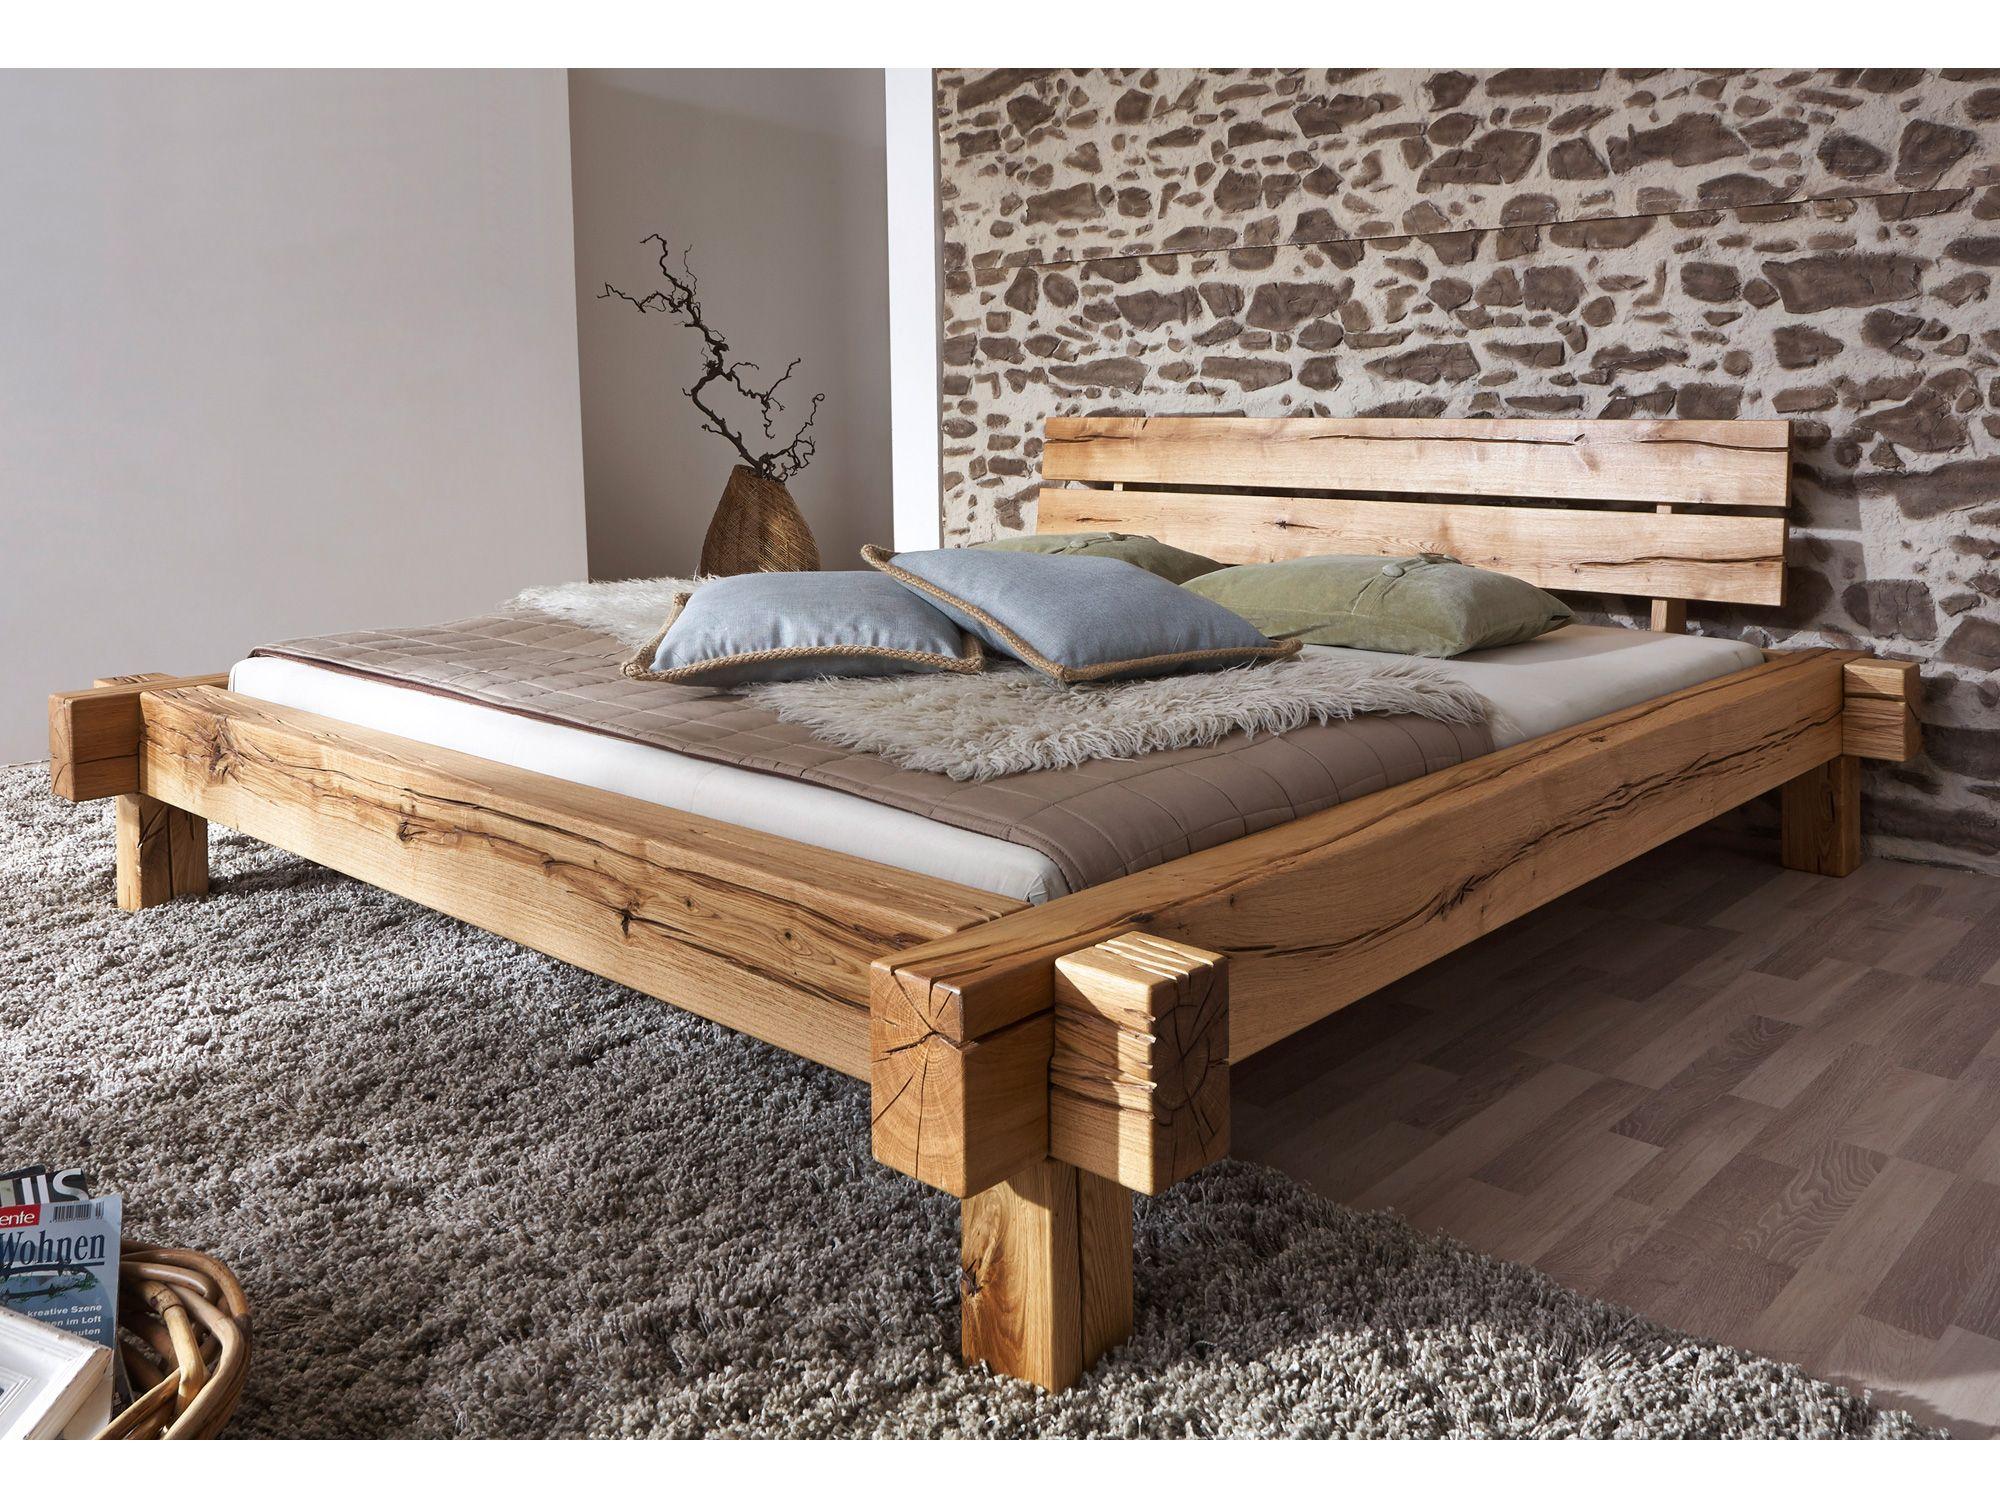 Jazz Massivholzbett Balkenbett Wildeiche Geölt 140 X 200 Cm Yatak Tasarımları Palet Yataklar Mobilya Fikirleri